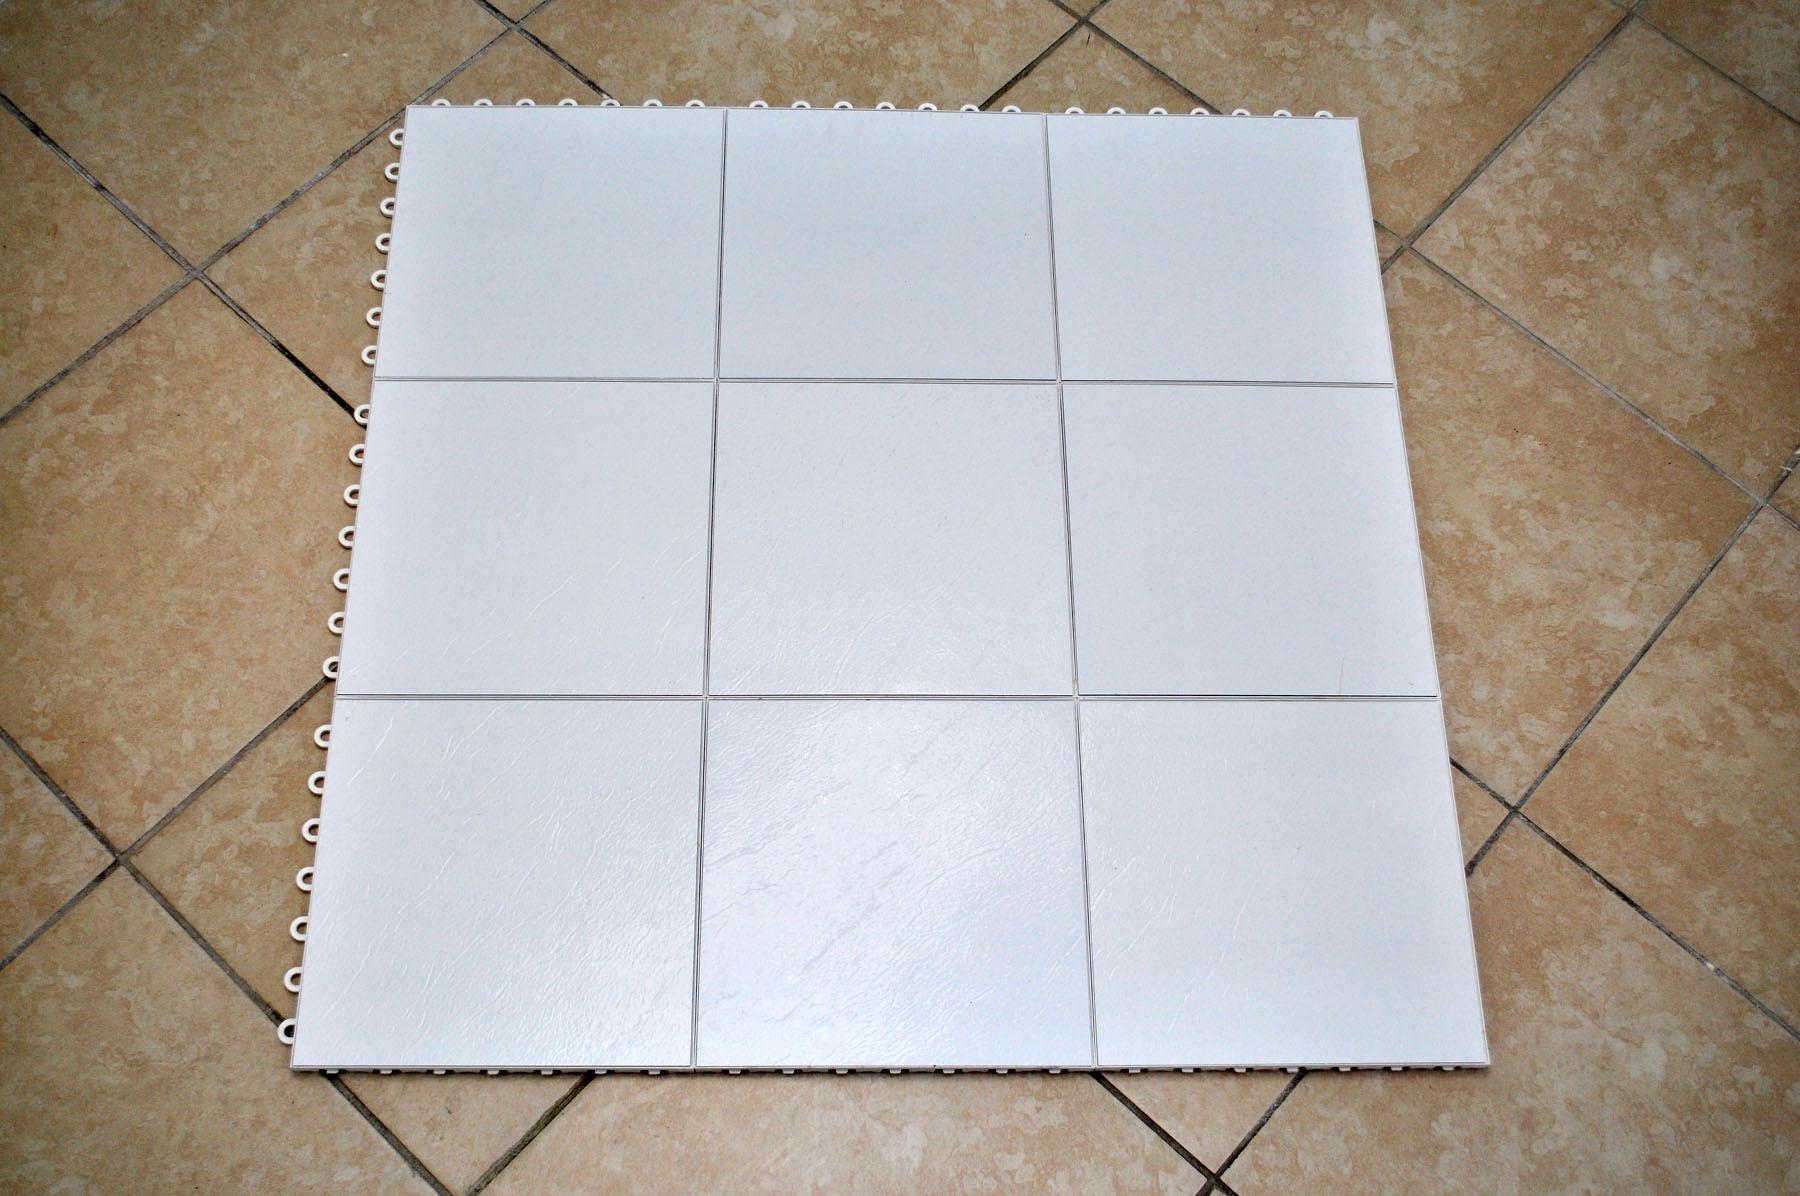 1x1 floor tile